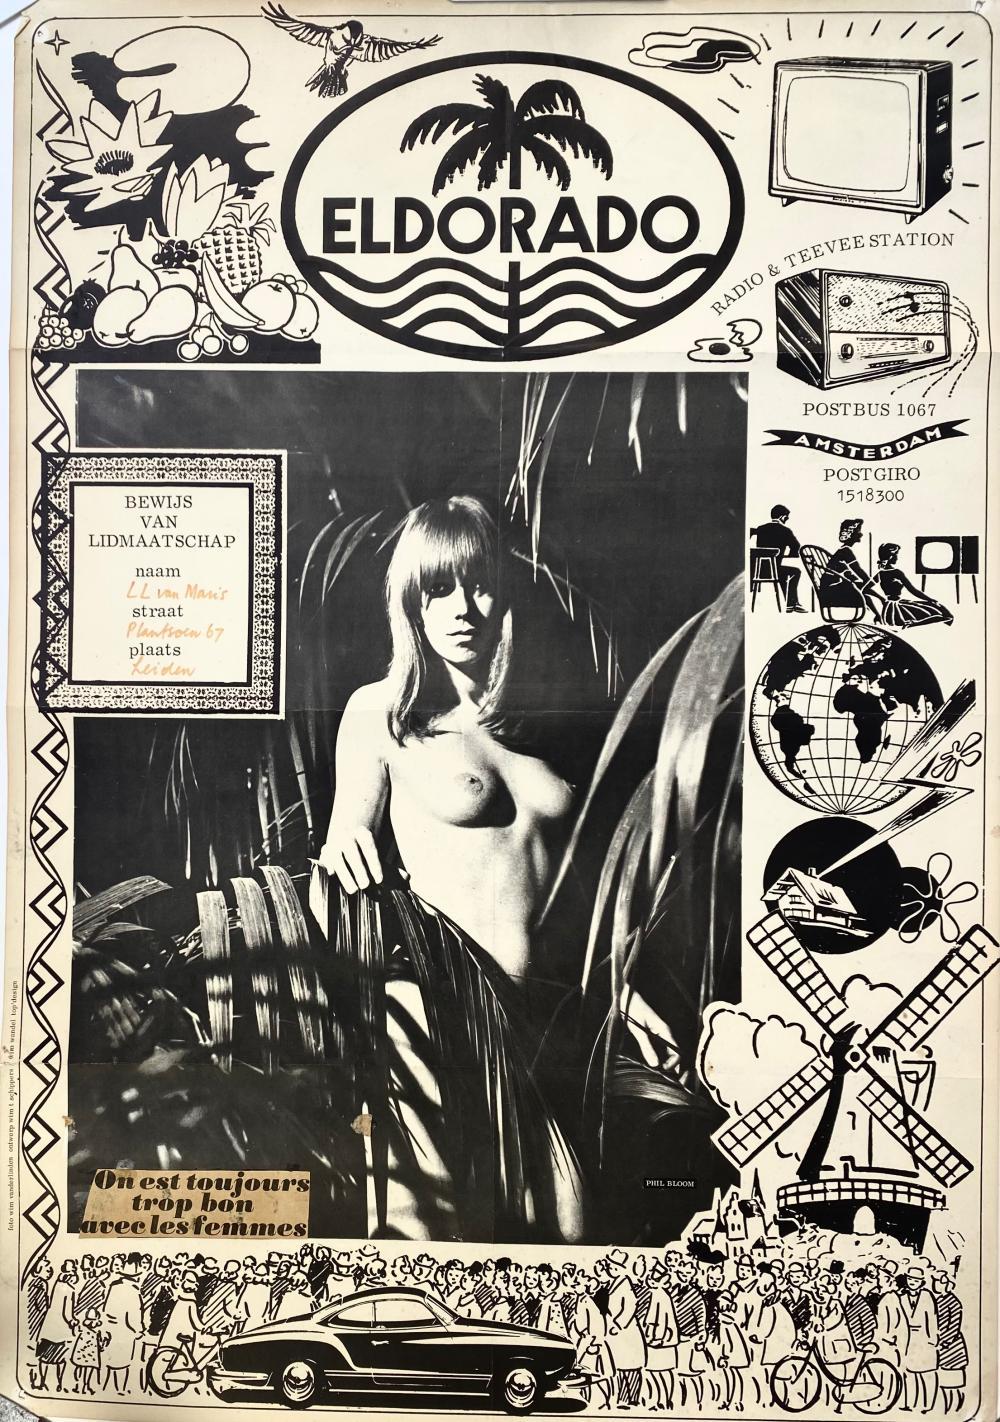 SCHIPPERS, Wim T. (1942-). Eldorado Radio & Teevee Station (Phil Bloom). (Bewijs van